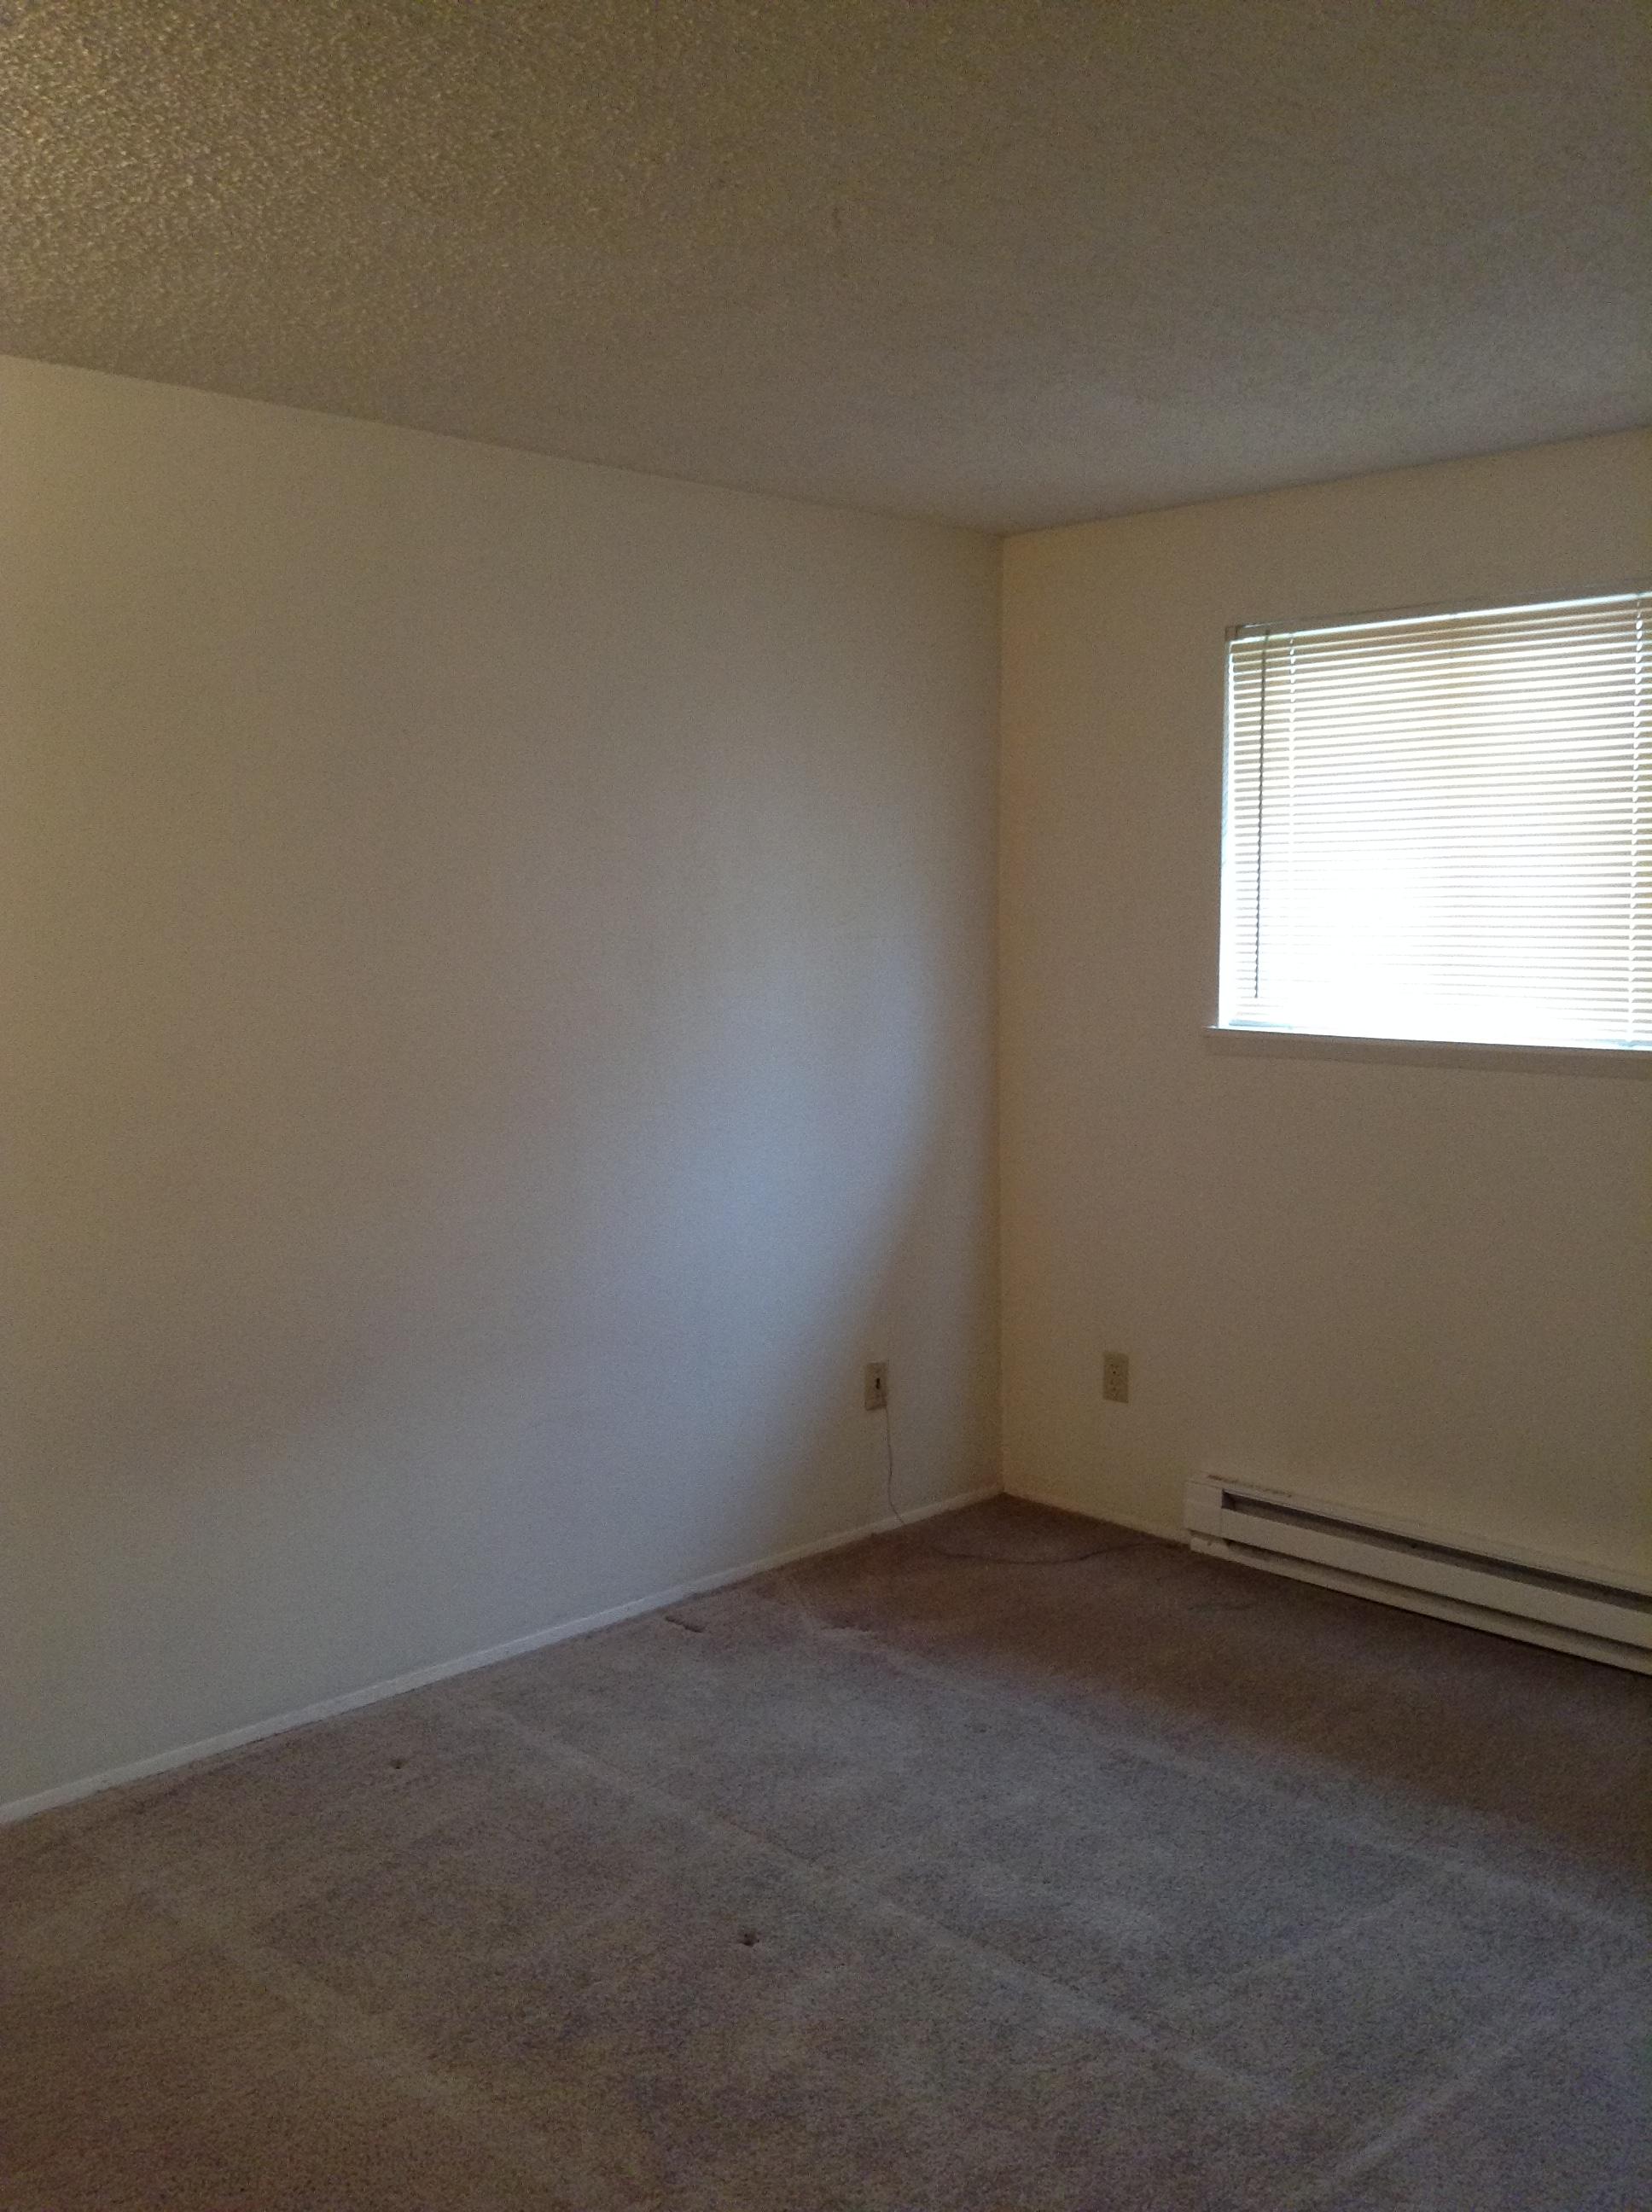 Tacoma Area Apartment 14406 Pacific Ave S 16 Tacoma Wa 98444 Park 52 Professional